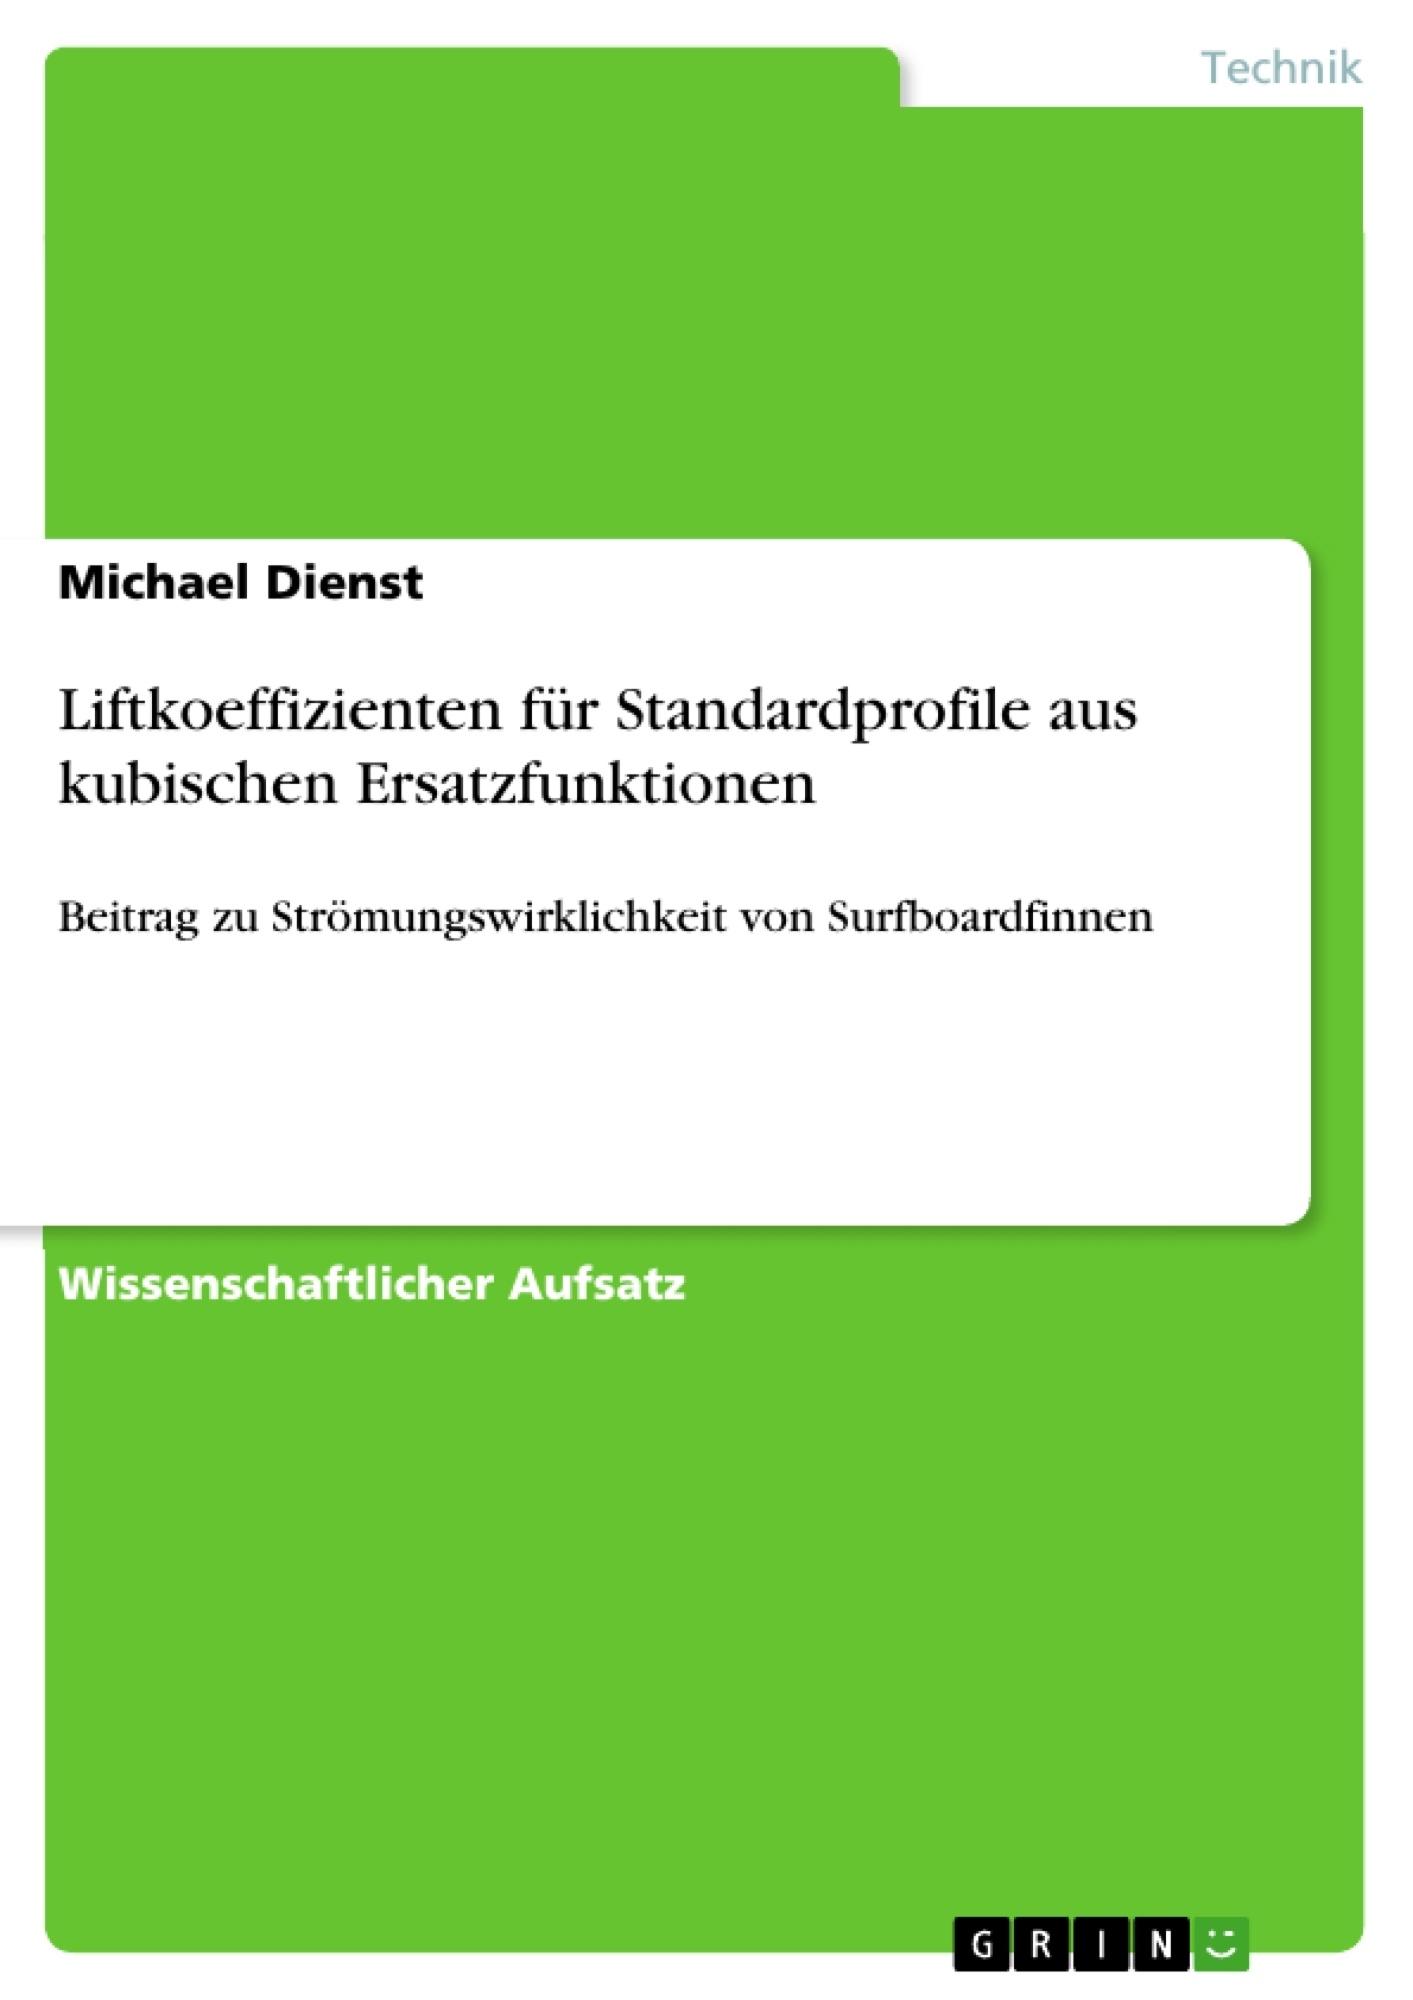 Titel: Liftkoeffizienten für Standardprofile aus kubischen Ersatzfunktionen